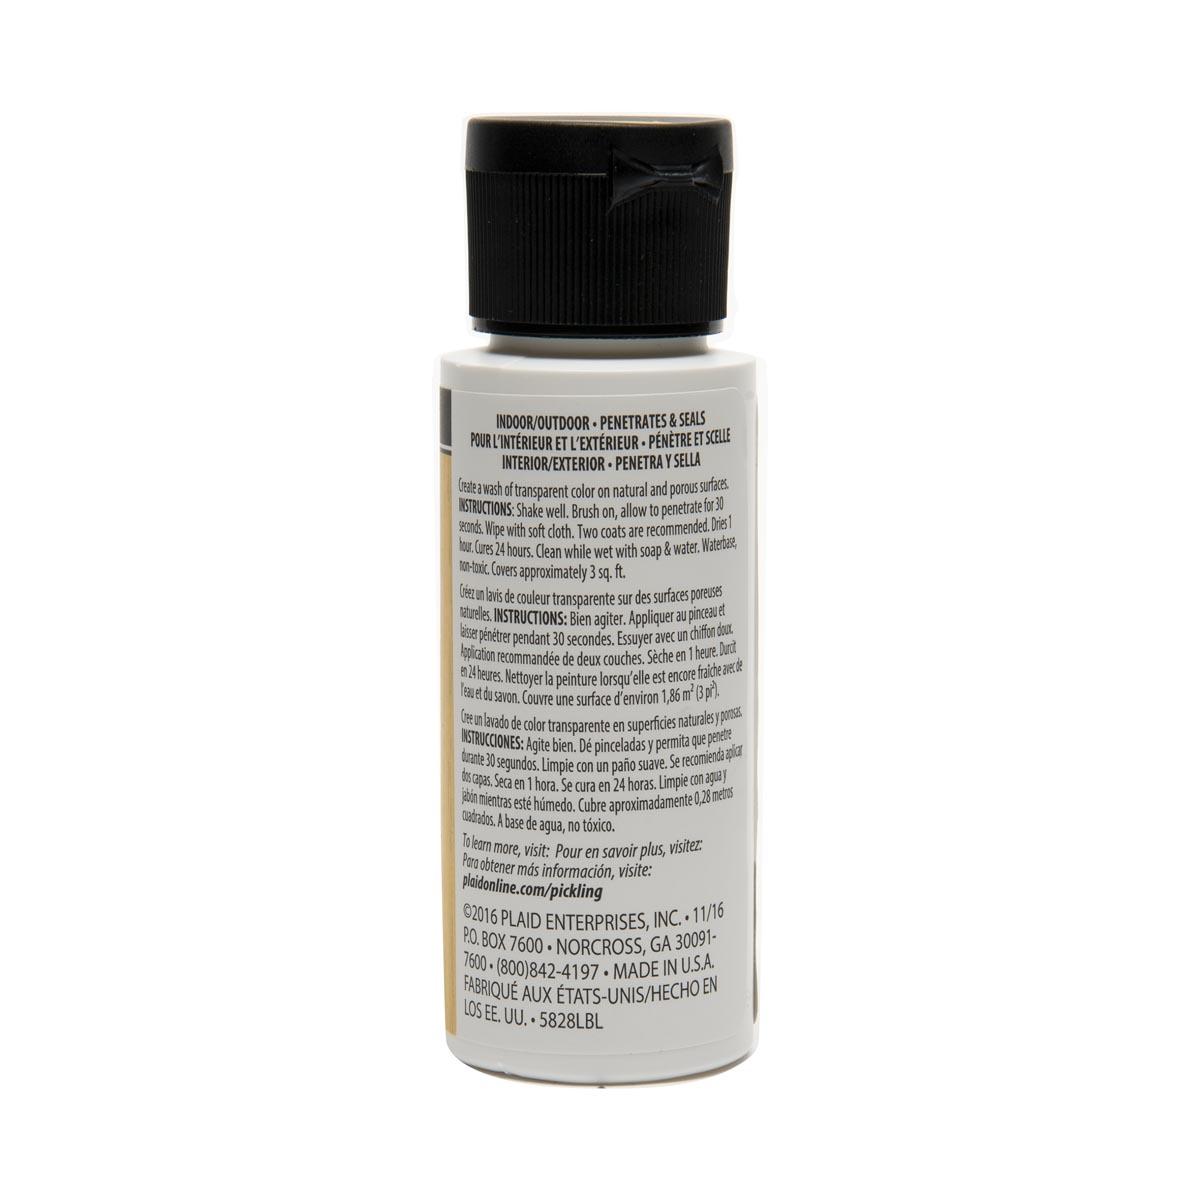 FolkArt ® Pickling Wash™ - Soleil, 2 oz.